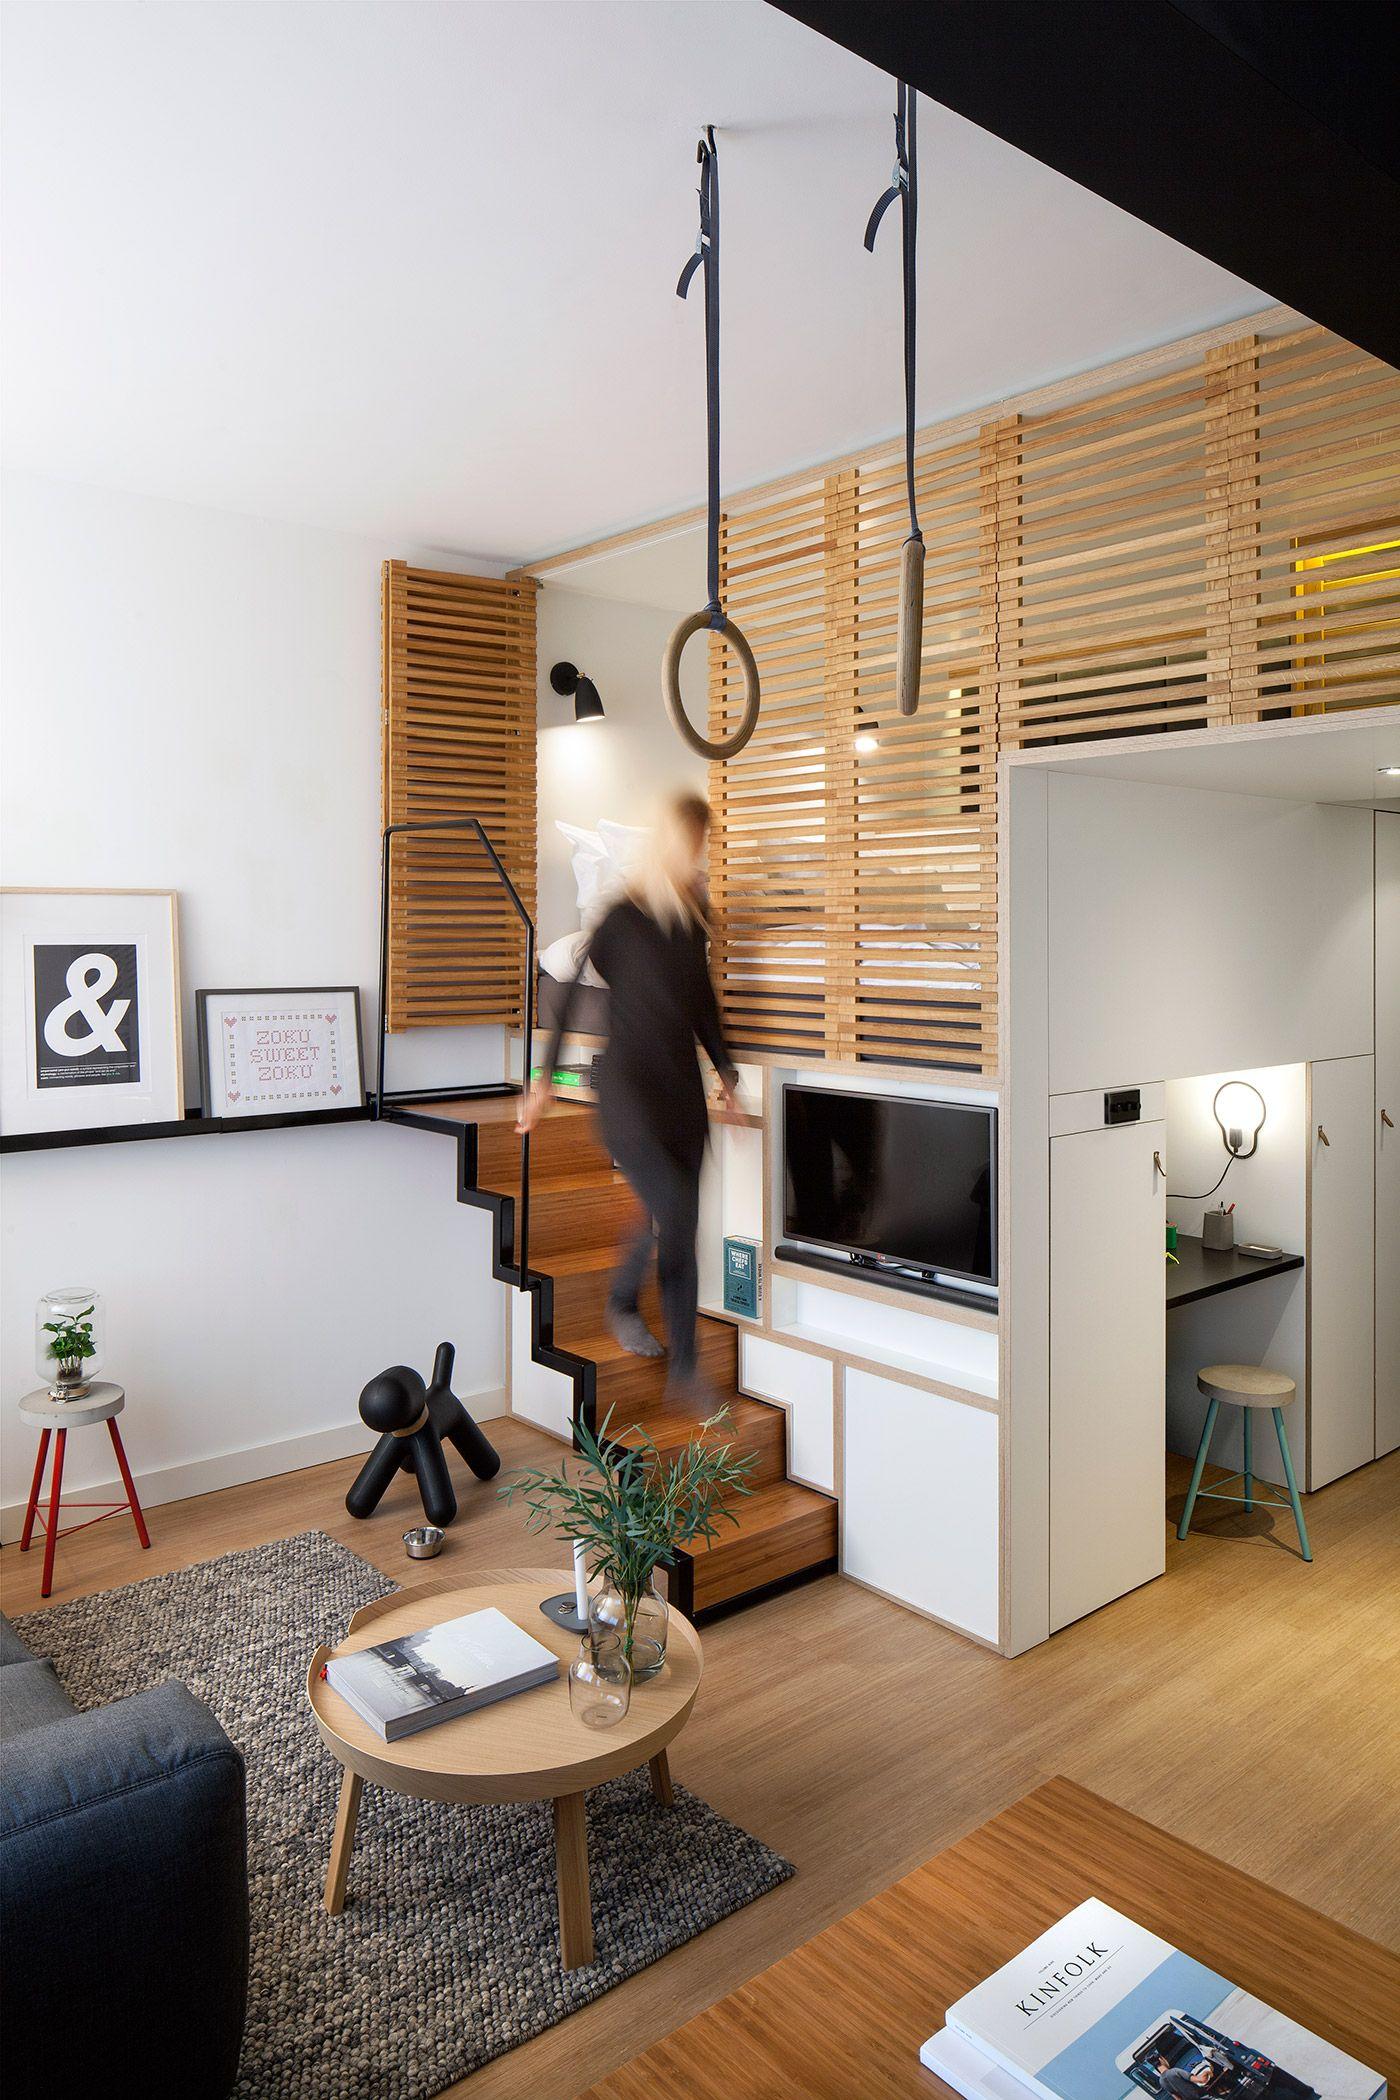 lichtdurchlässiger trenner zwischen bett und restlichem zimmer, Wohnzimmer dekoo